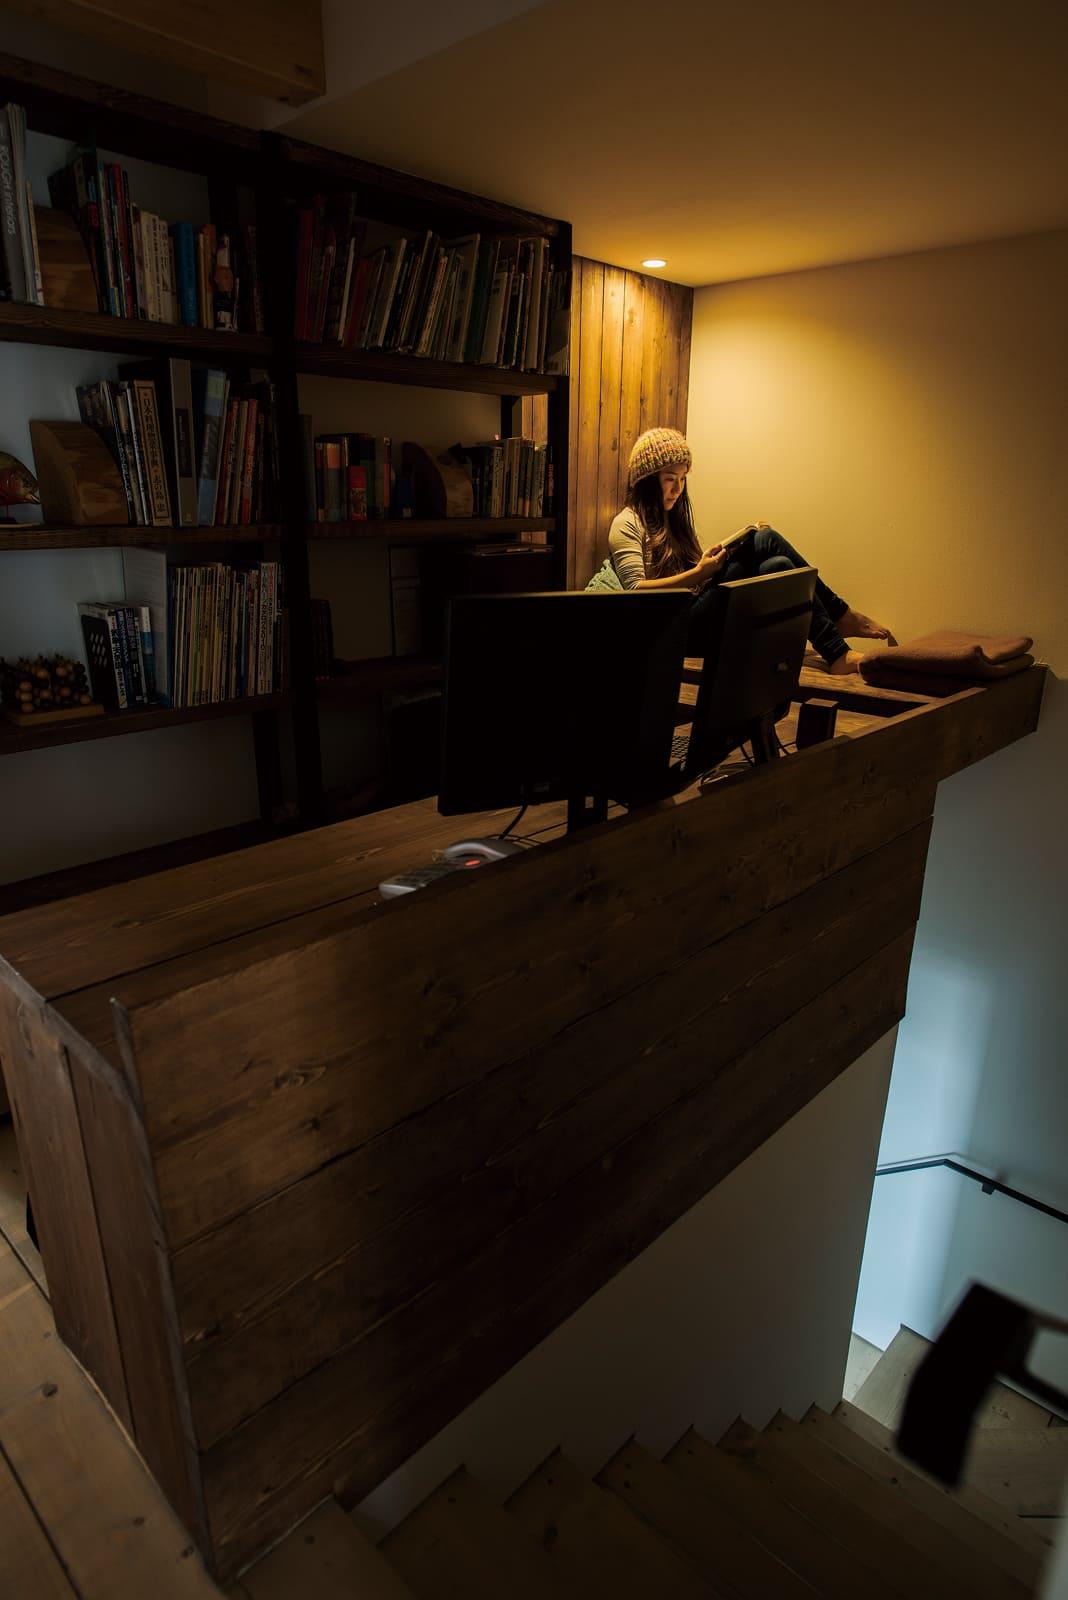 1階への階段上にあるアルコーブは、唯一「こもる」ことを意識した隠れ家的空間